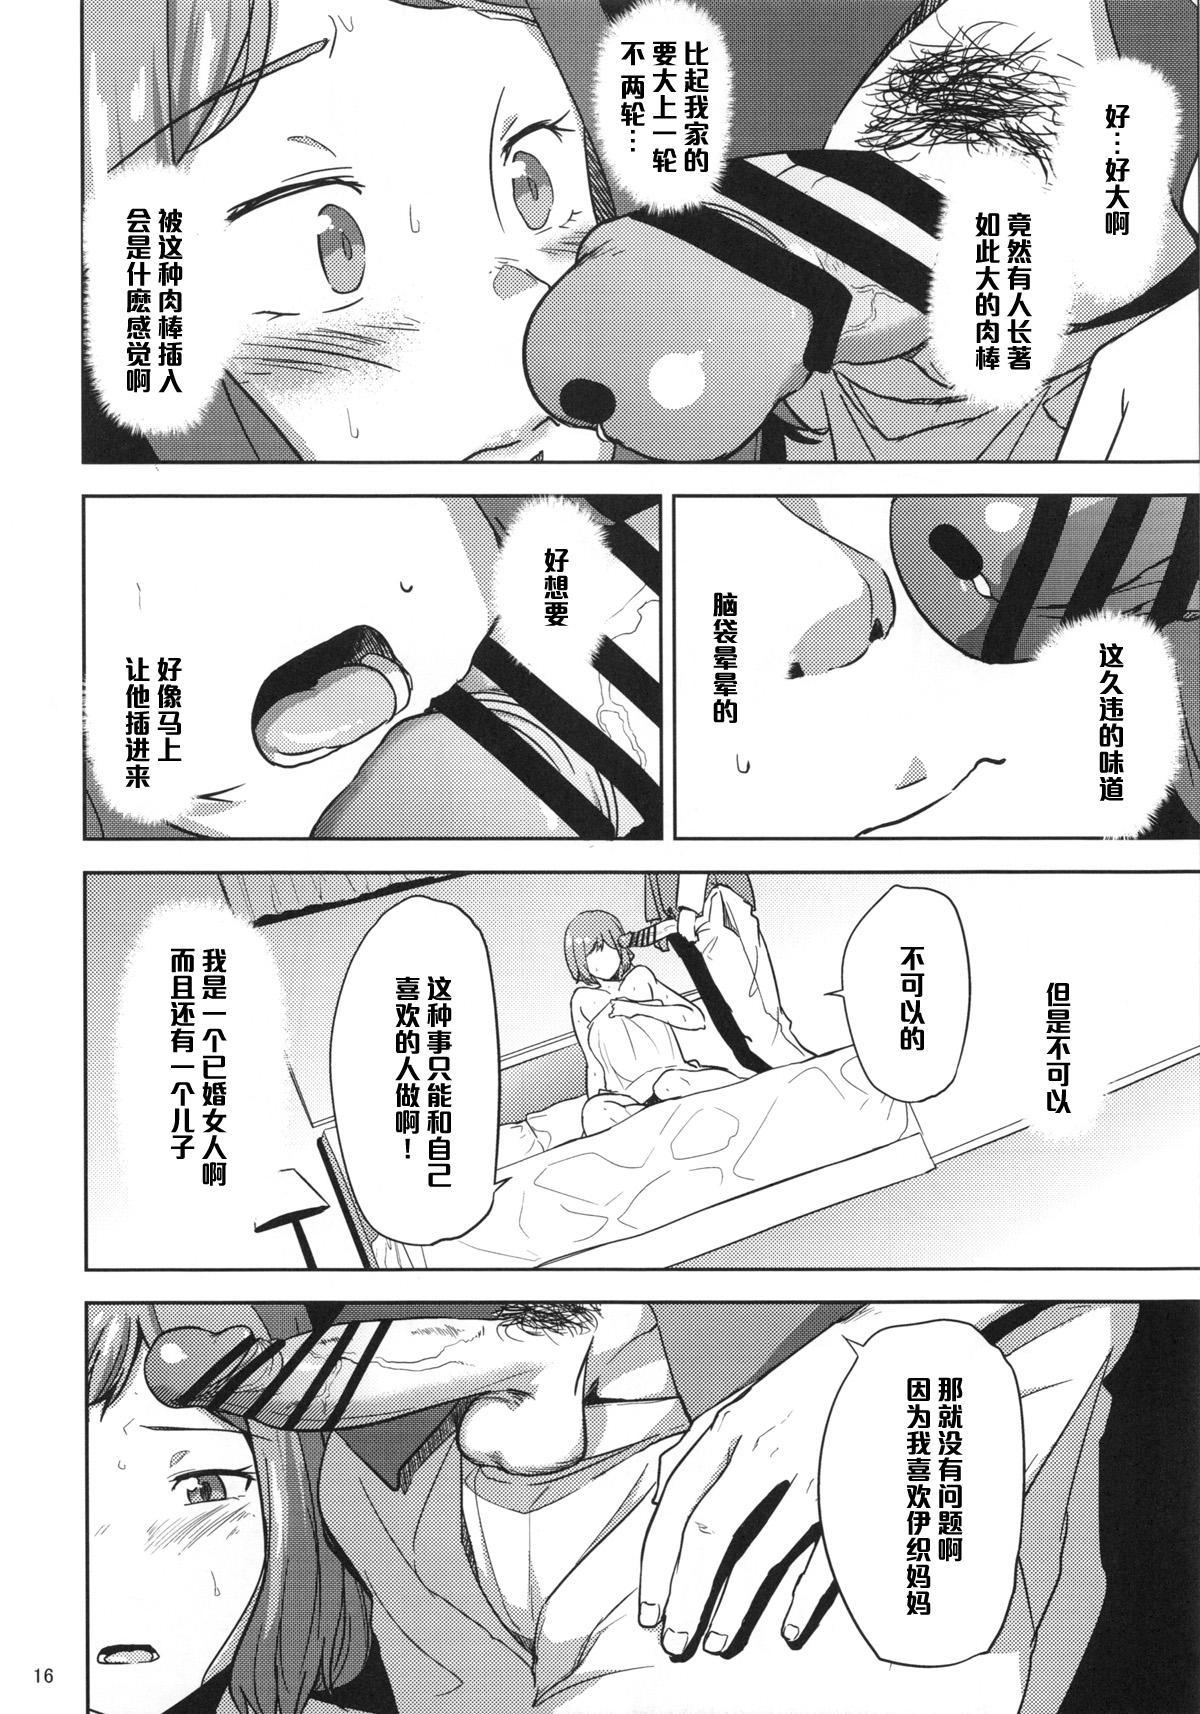 (C87) [Kyoumata (Shishiji)] Rinko-san ga Reiji-kun ni Ijirareru Hon (Gundam Build Fighters) [Chinese] [黑条汉化] 14